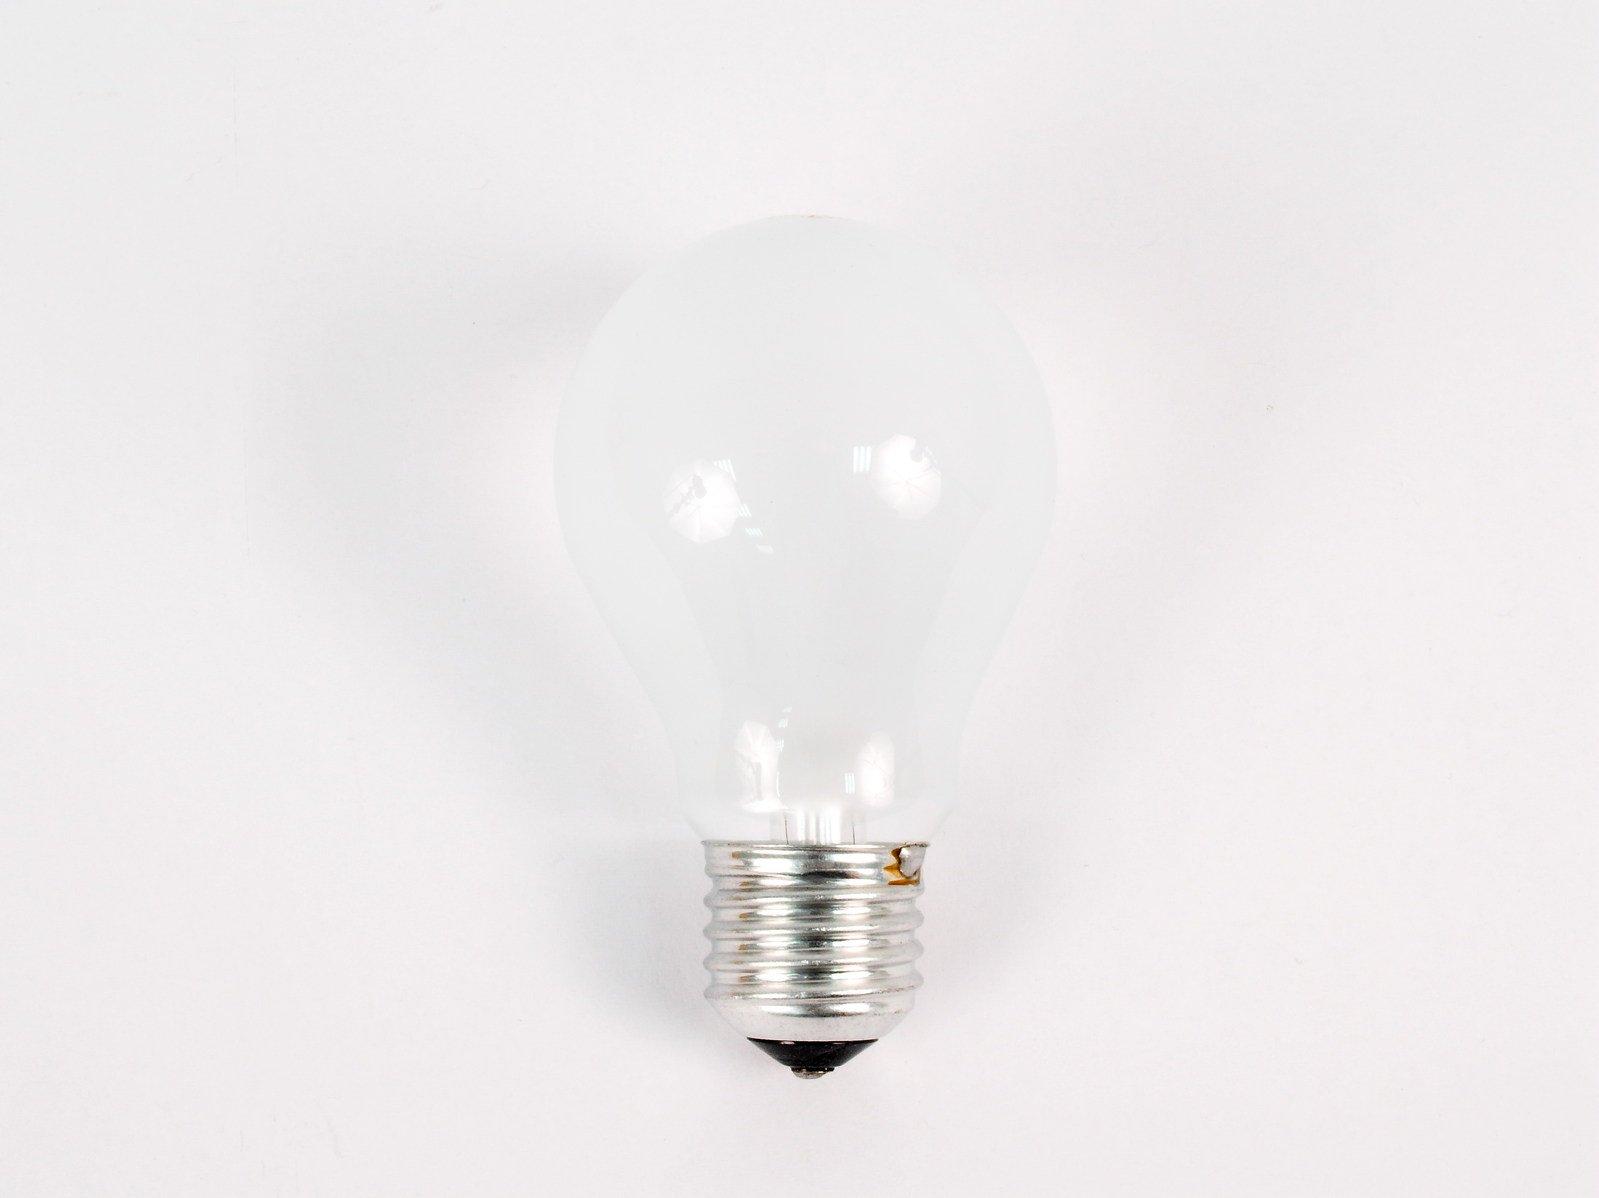 žiarovka, biele